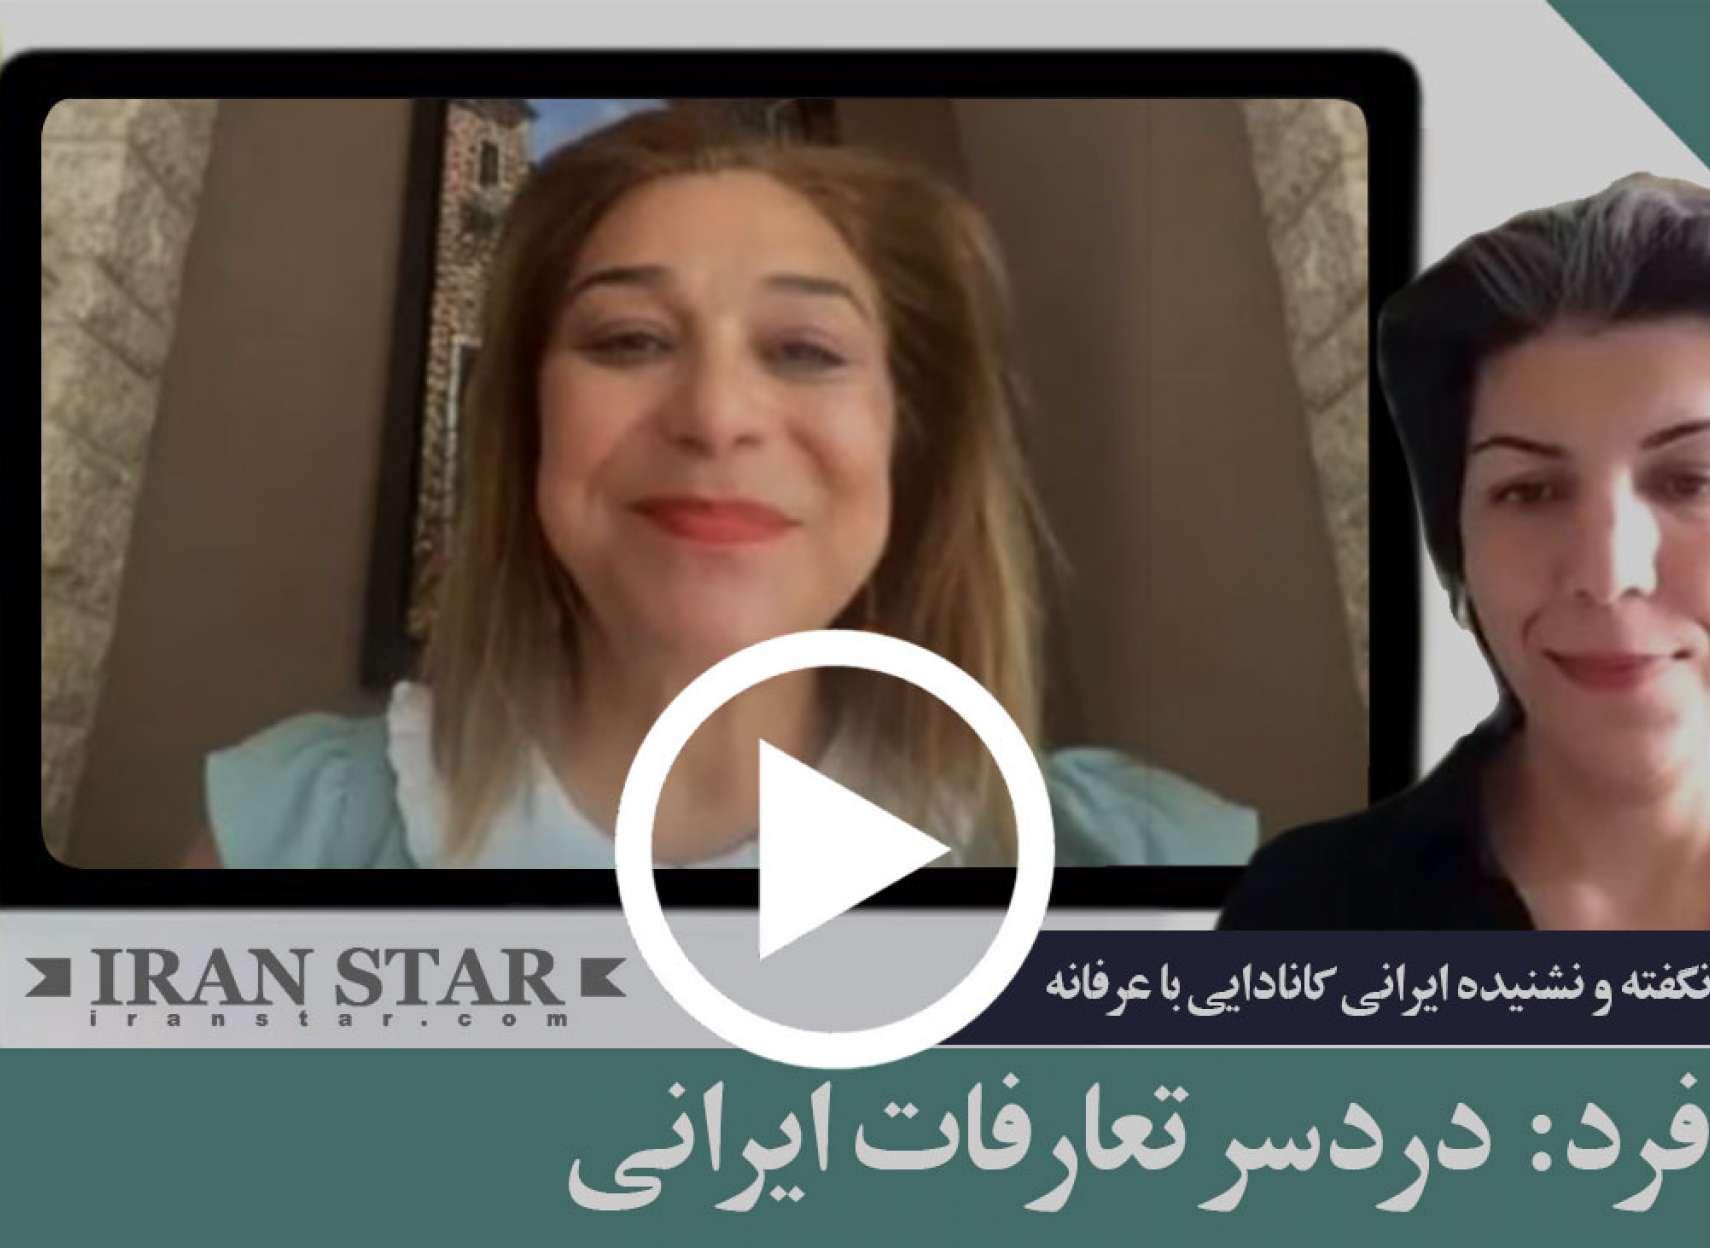 گپ تاپ - مهاجرت - ایرانیان - فریبا فرد: دردسر تعارفات ایرانی